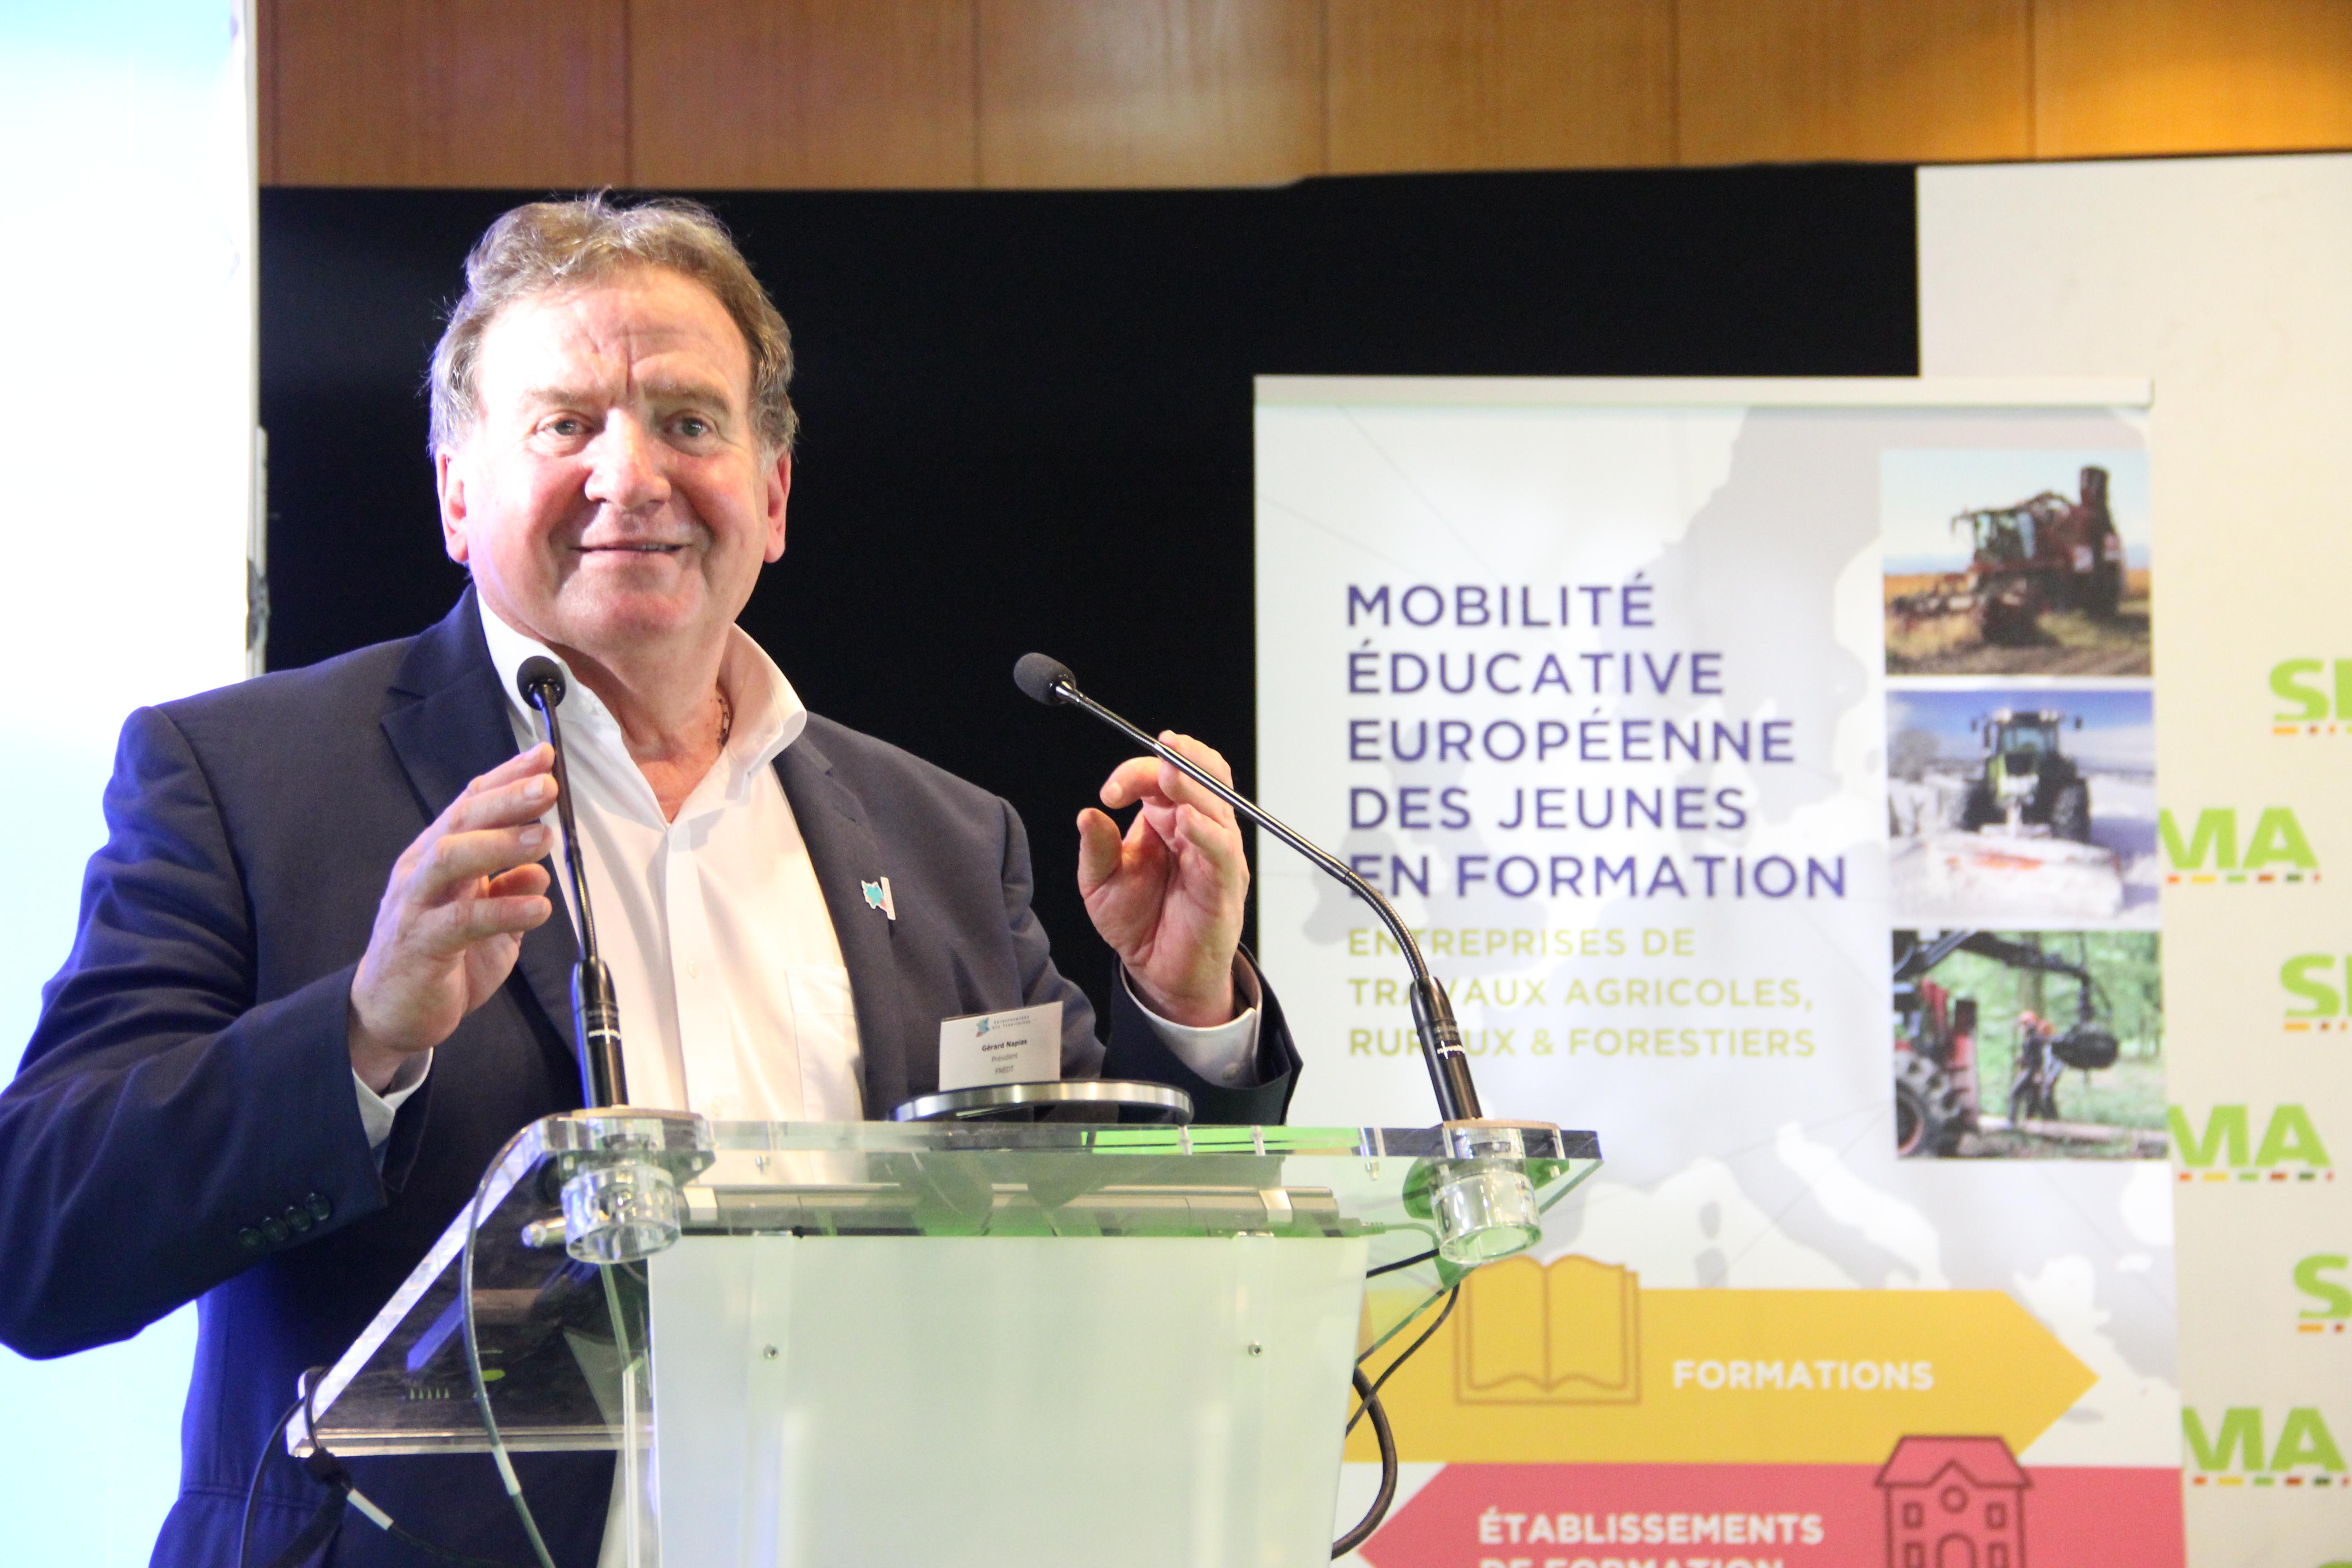 Gérard Napias, Président de la FNEDT